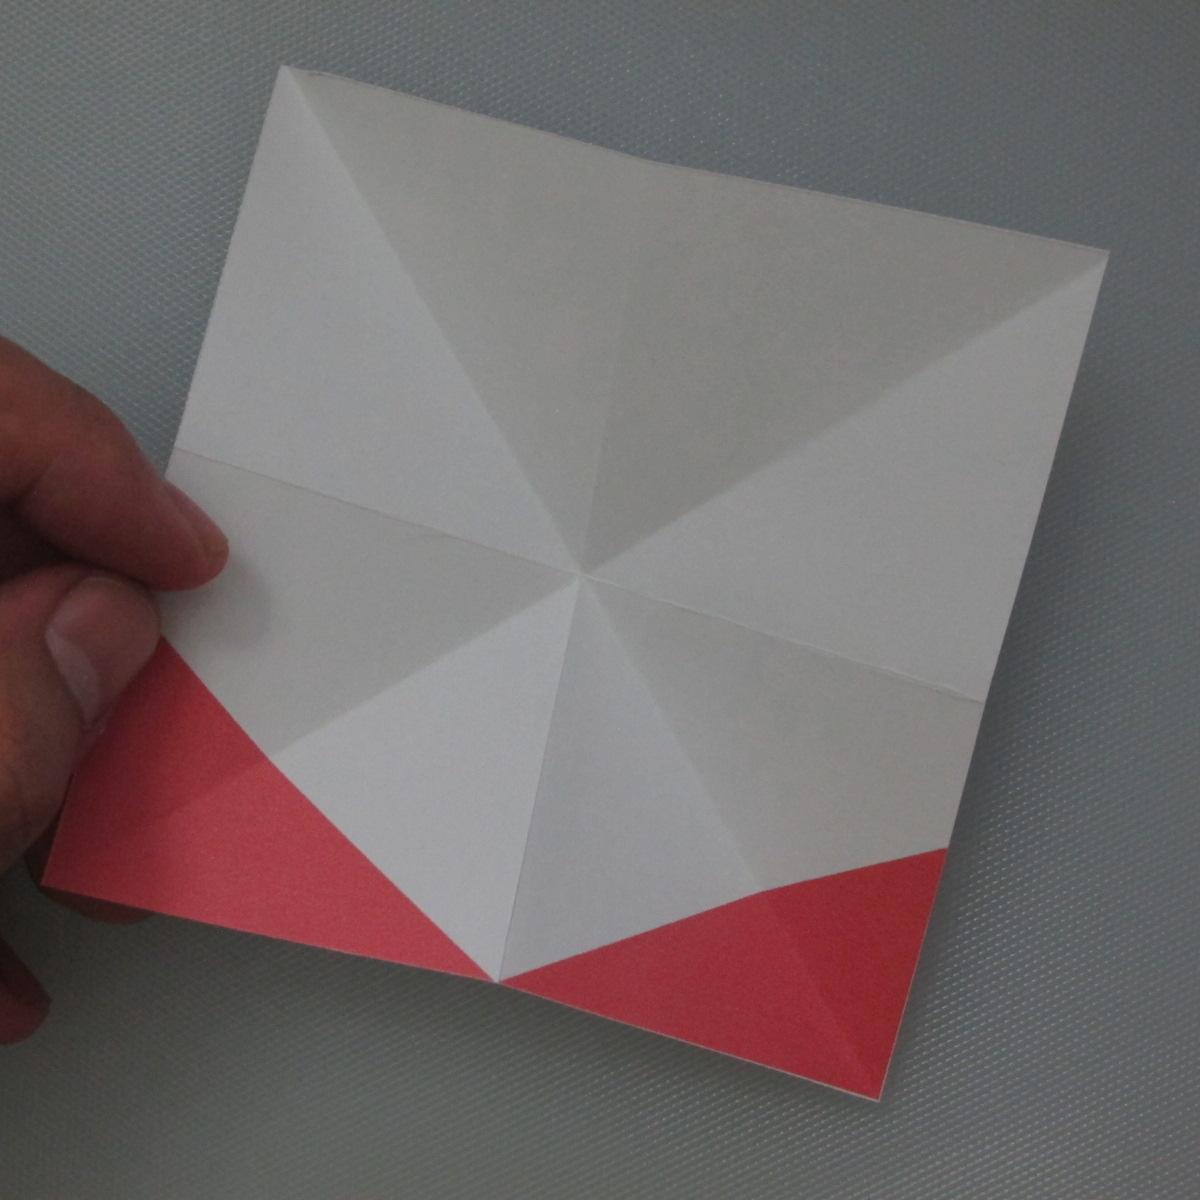 วิธีการพับกระดาษเป็นรูปกระต่าย 003